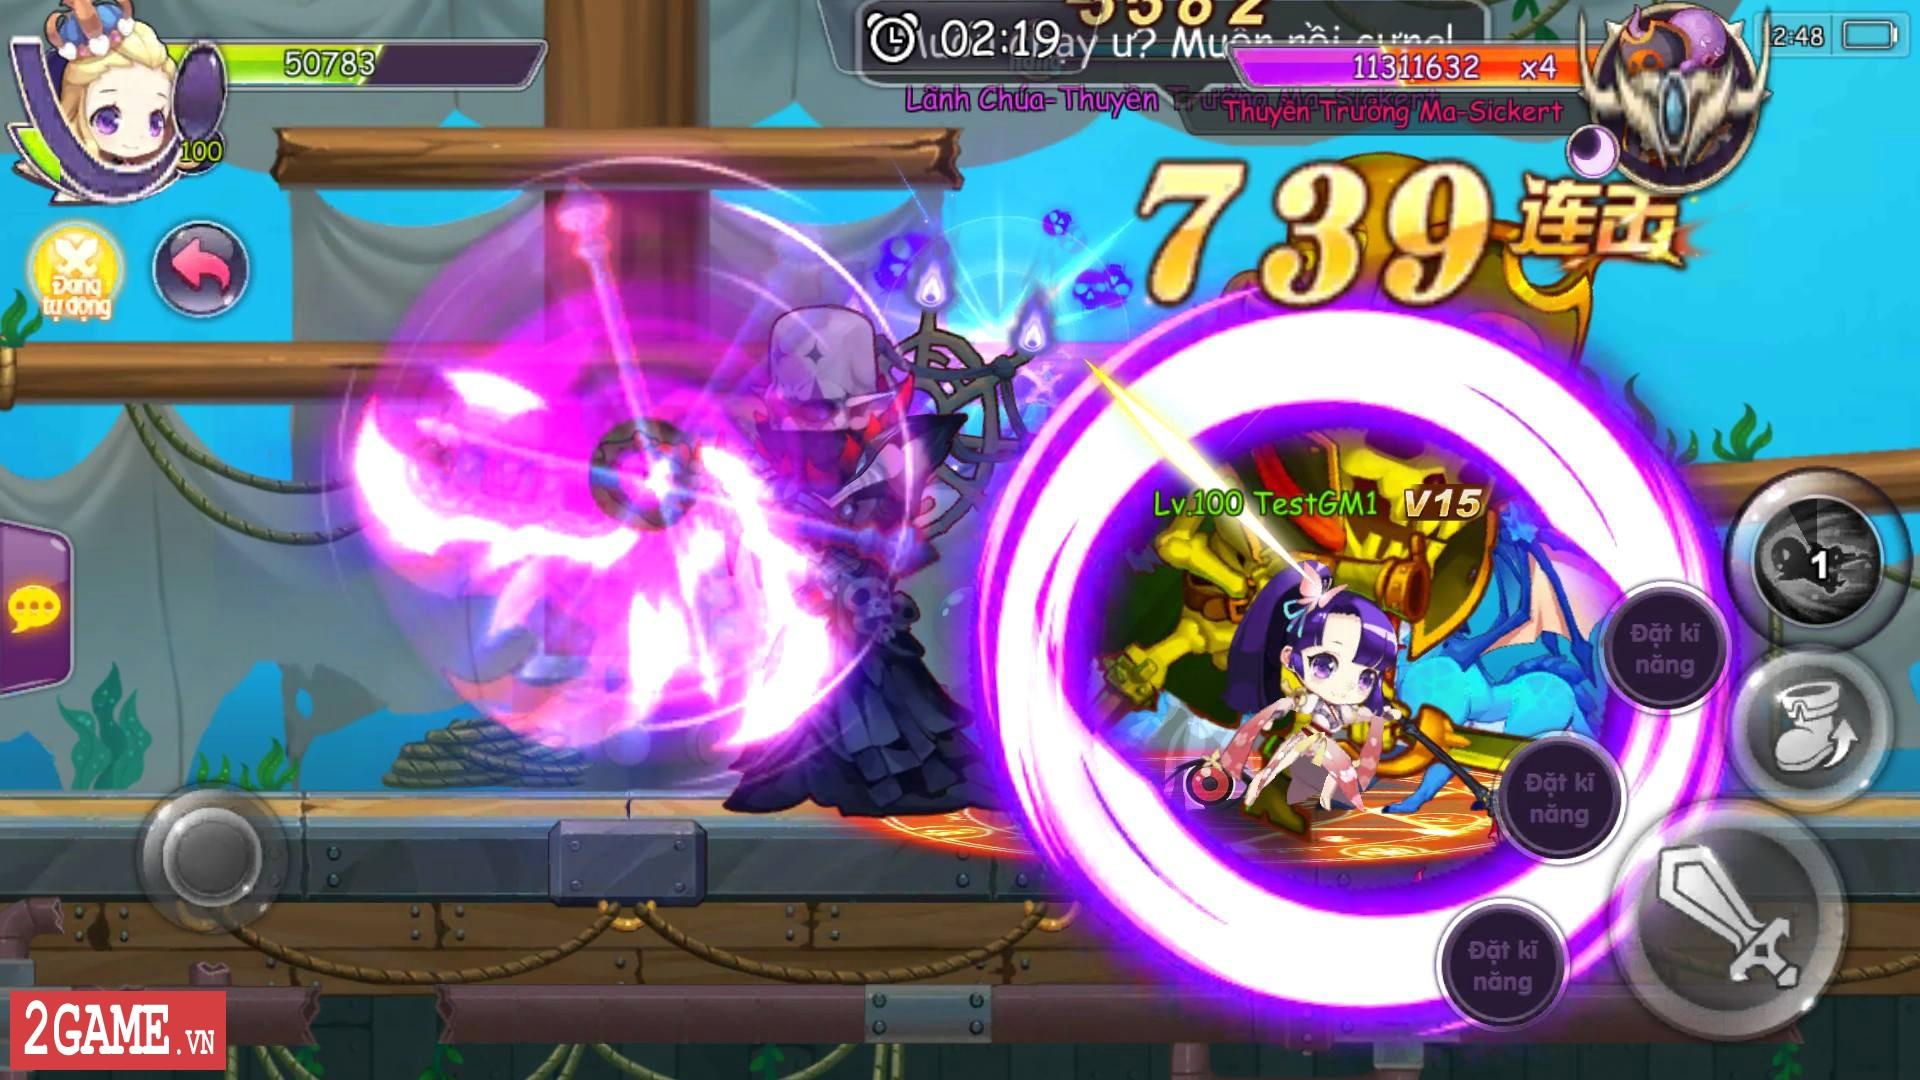 Cảm nhận Sứ Mệnh Rồng Mobile: Game nhập vai hành động đáng yêu vô cùng 7